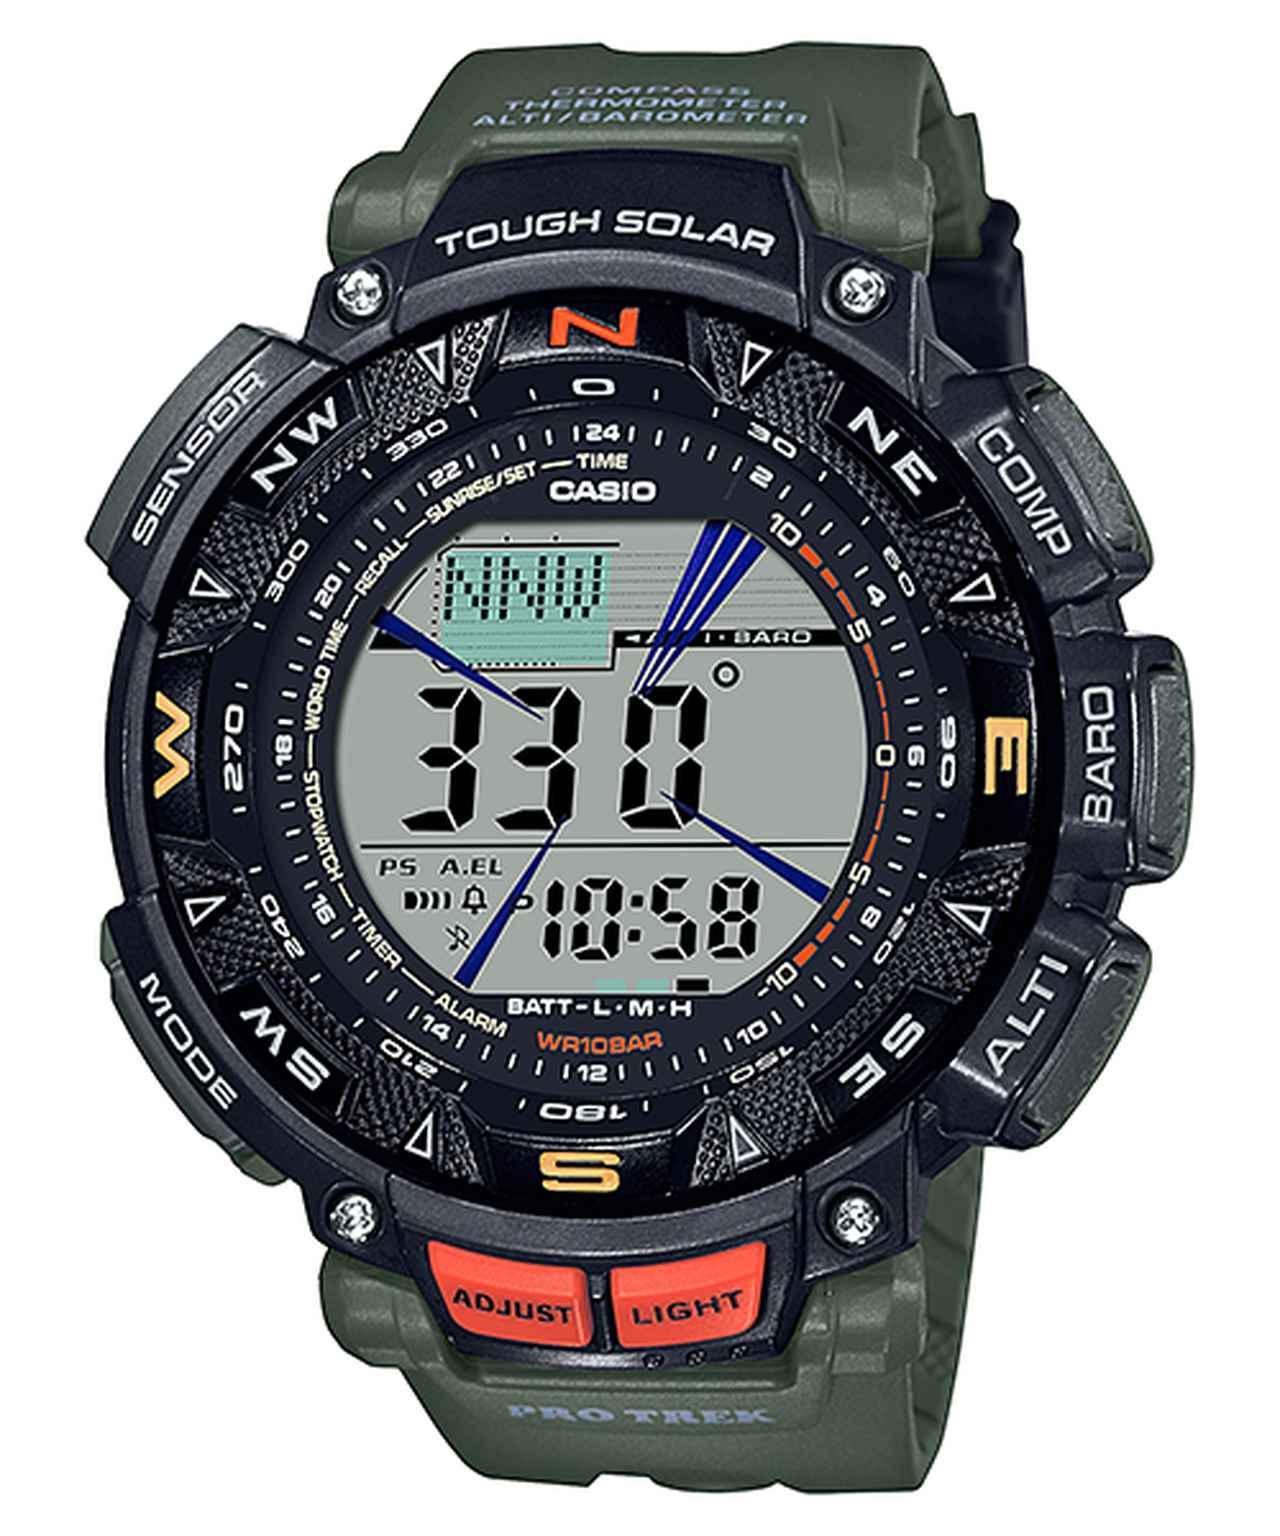 画像5: アウトドア好きの物欲をくすぐるデザインと機能! カシオのプロトレックから腕時計の新製品が登場